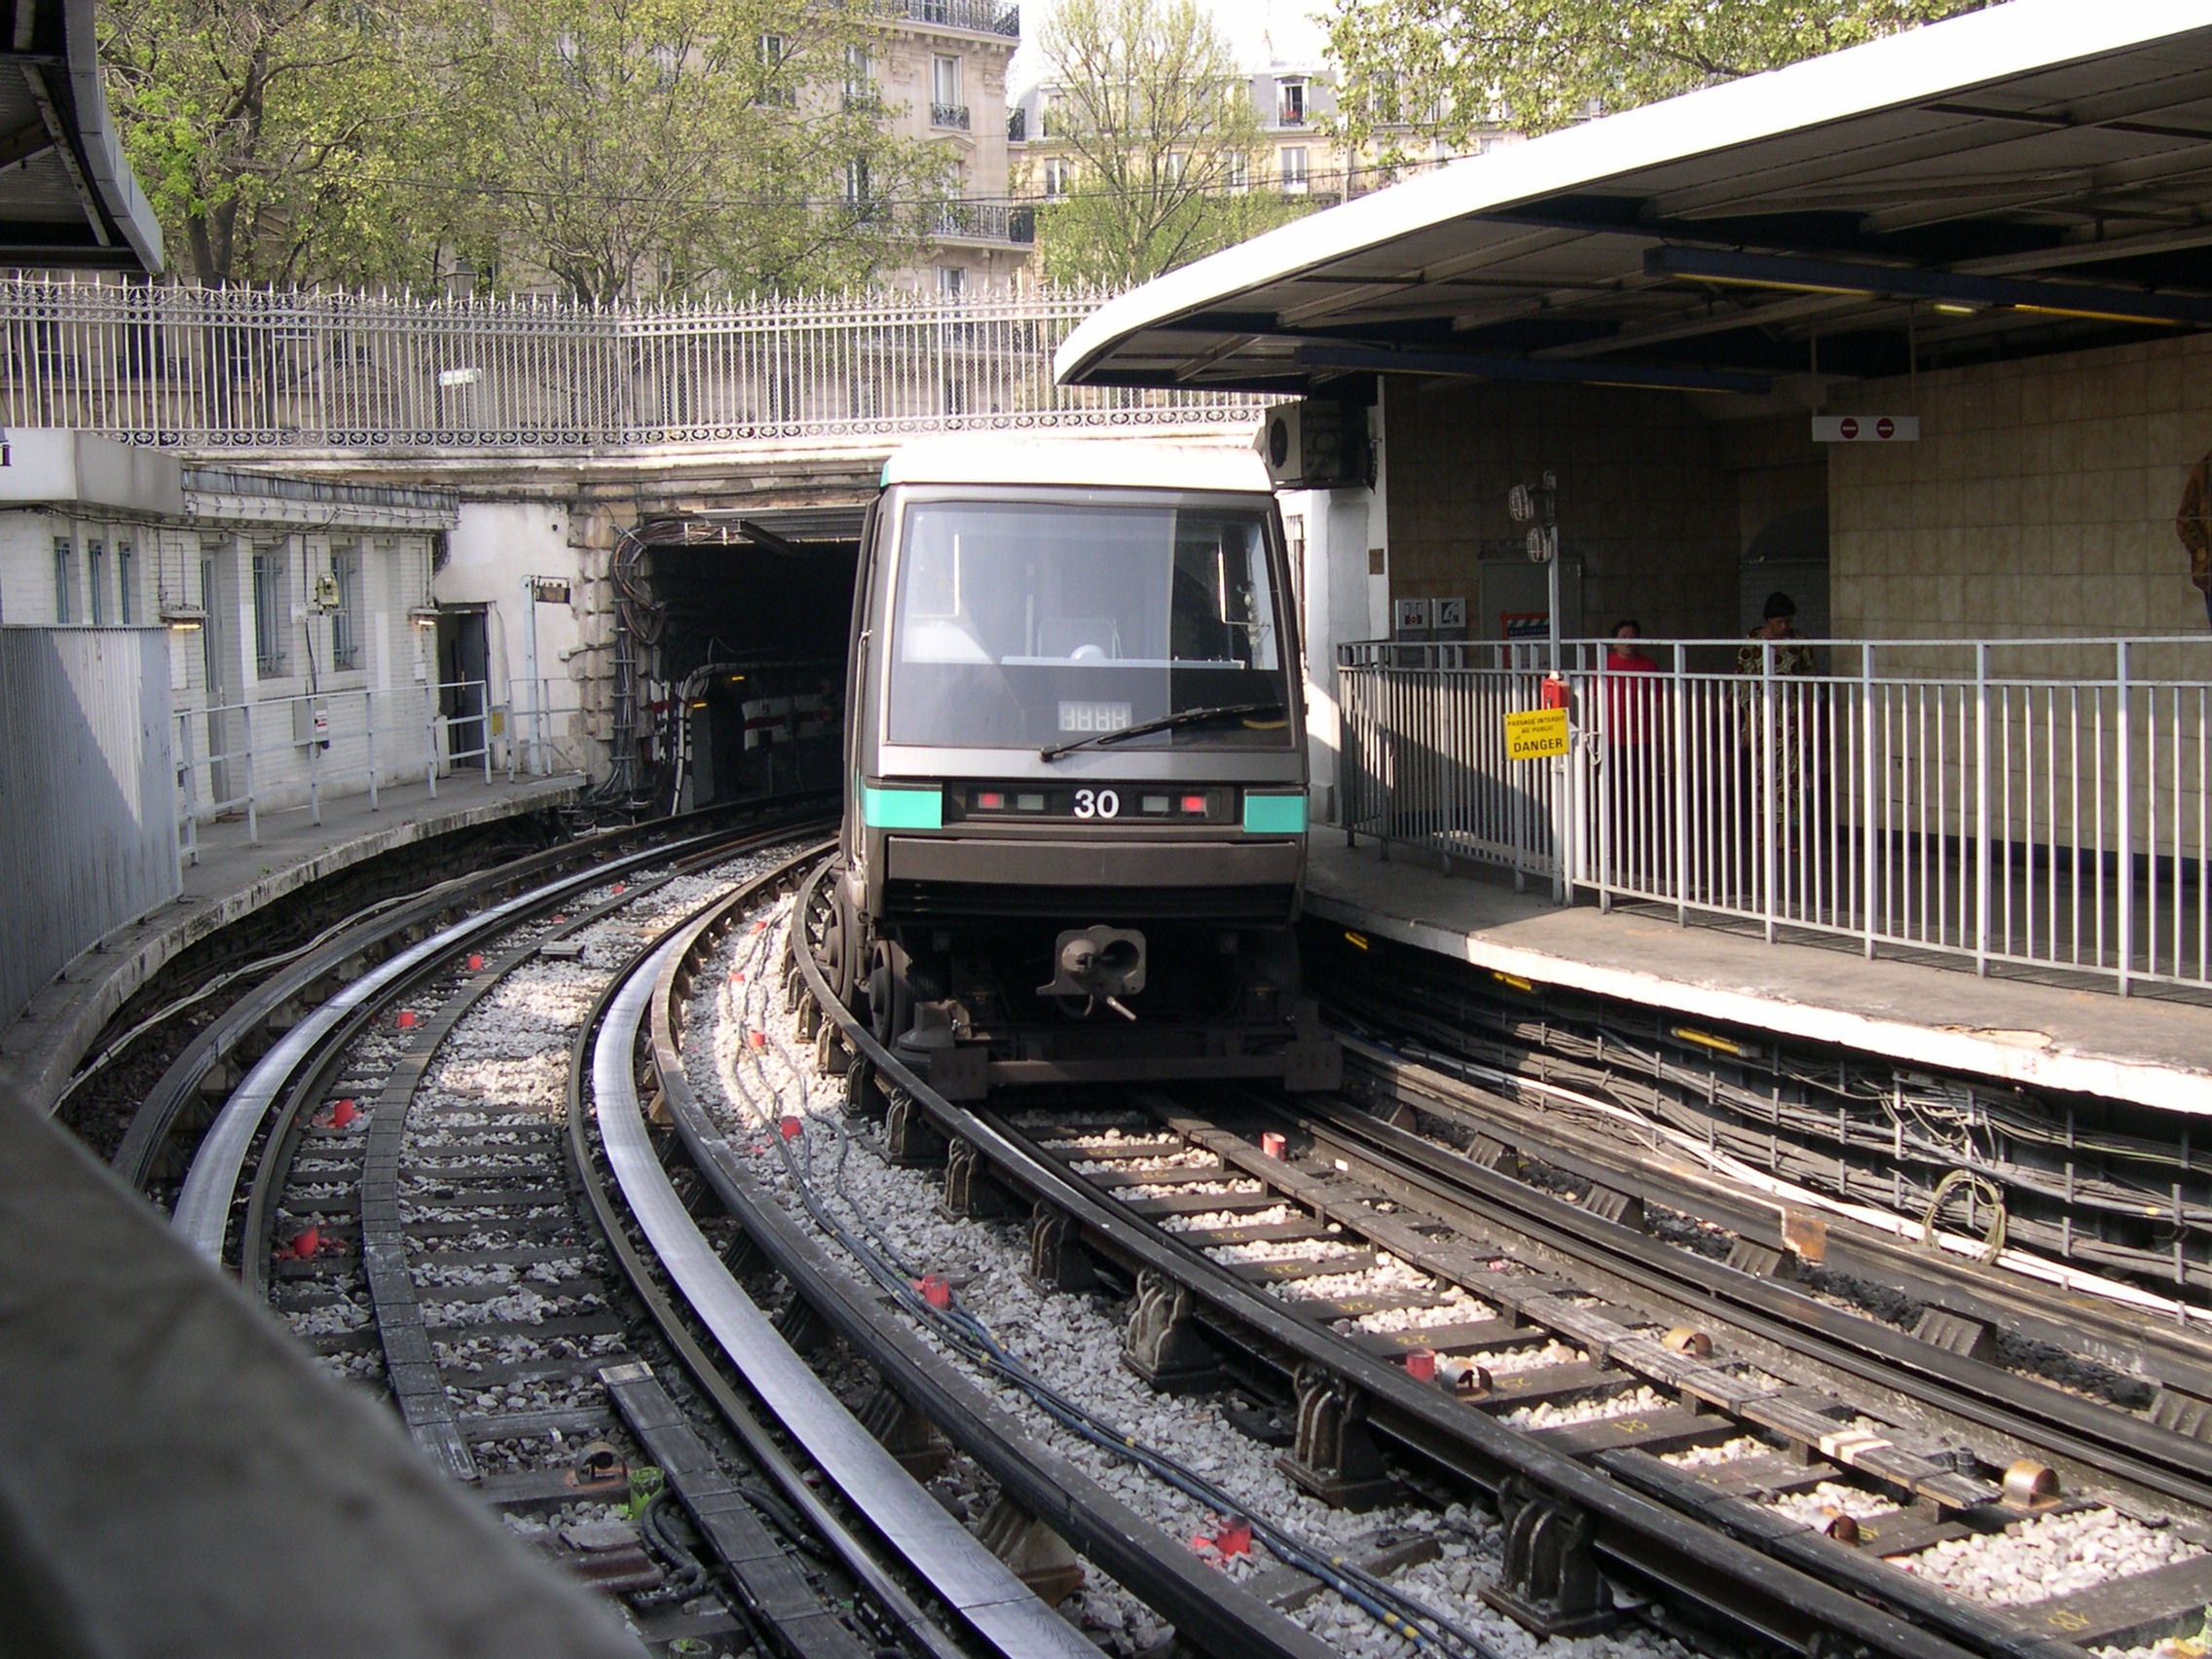 Paris et Banlieue - Anonyme